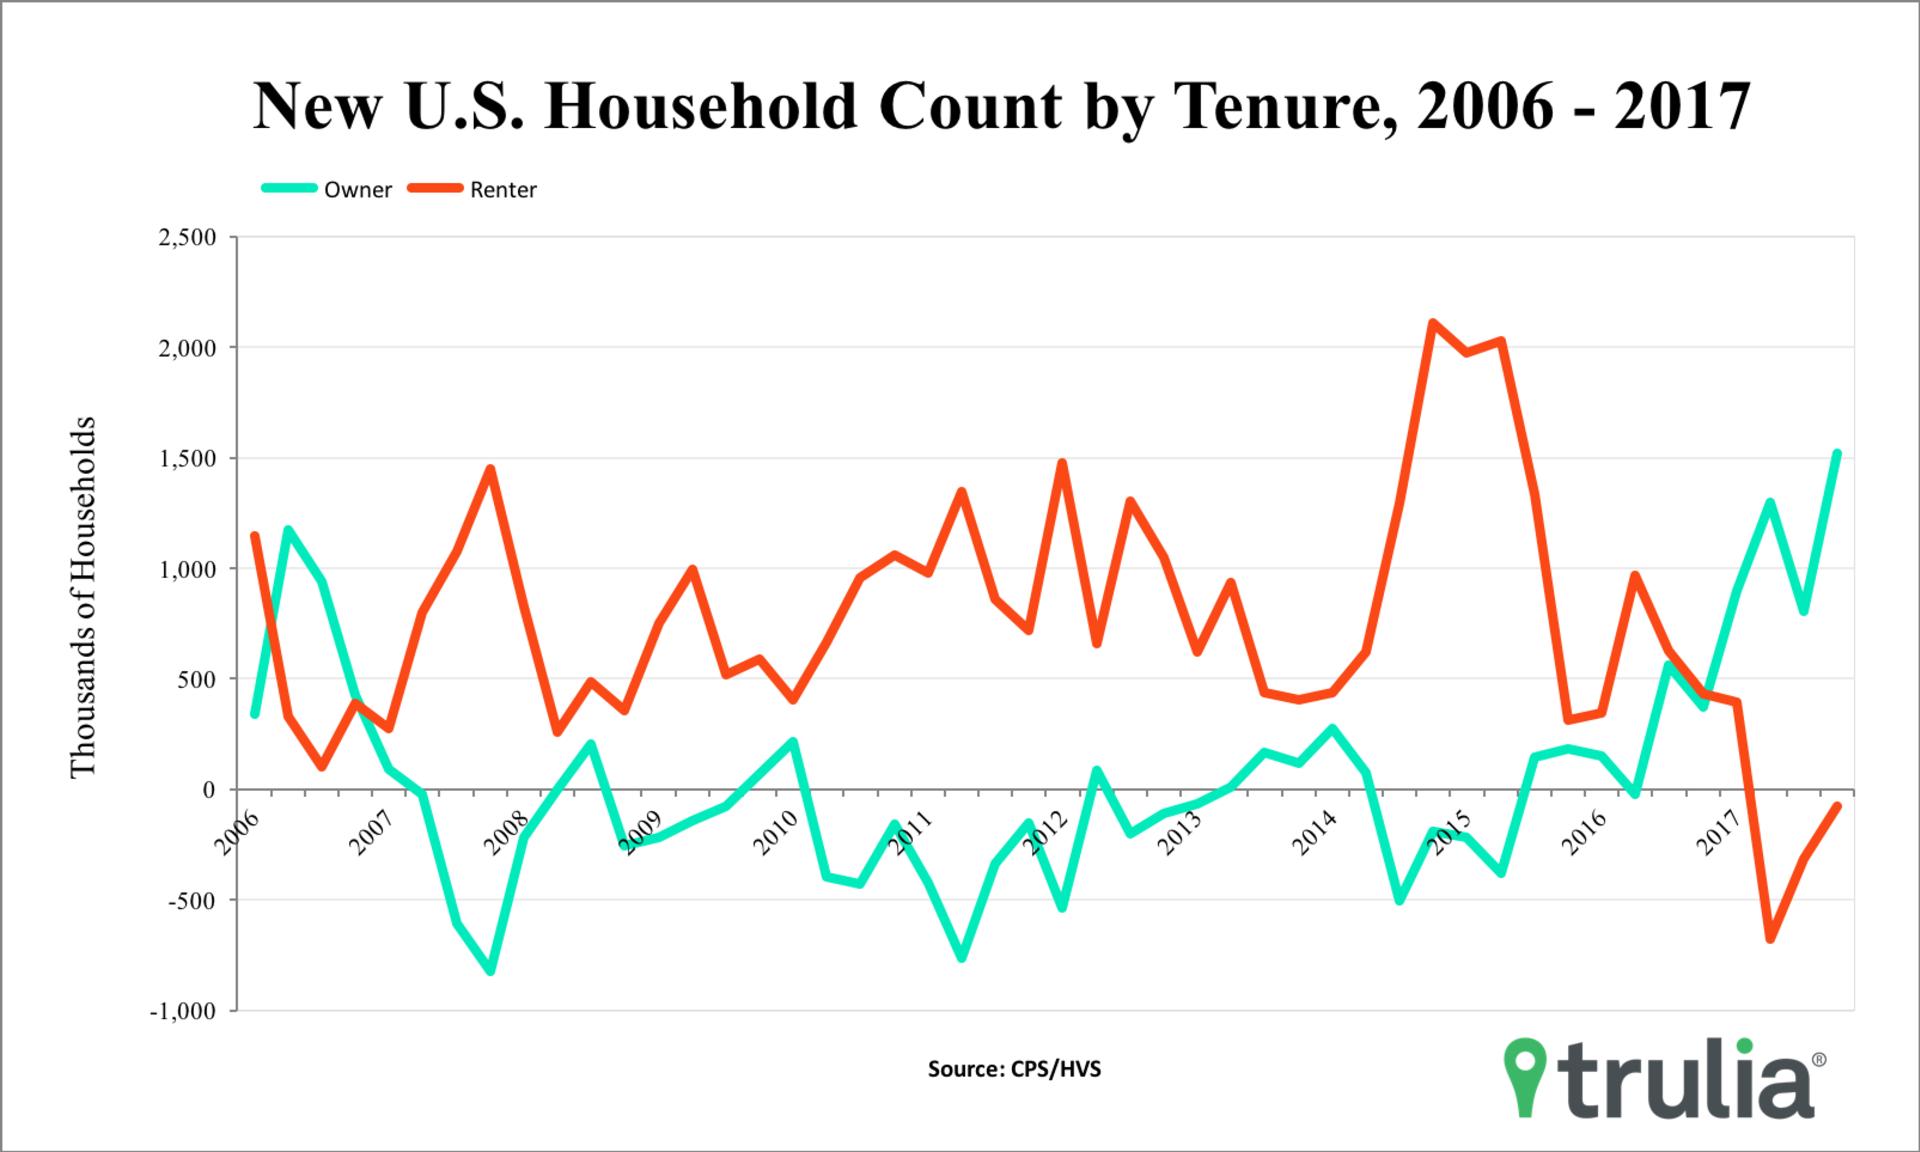 Millennials Drive Higher Homeownership Rate